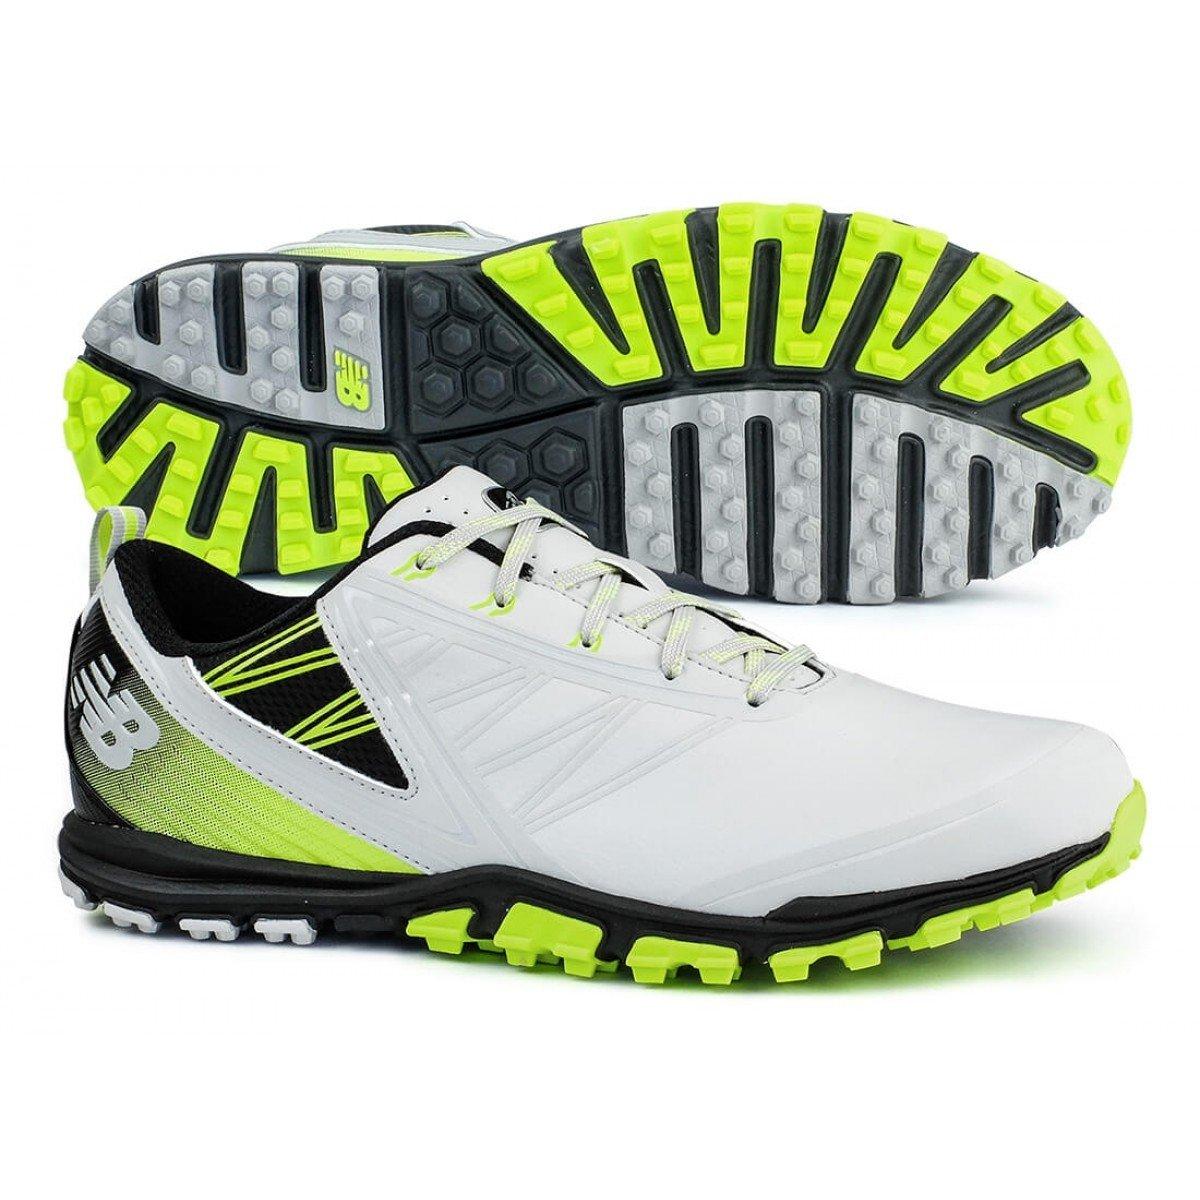 e46fd610 New Balance Men's Minimus SL Waterproof Spikeless Comfort Golf Shoe